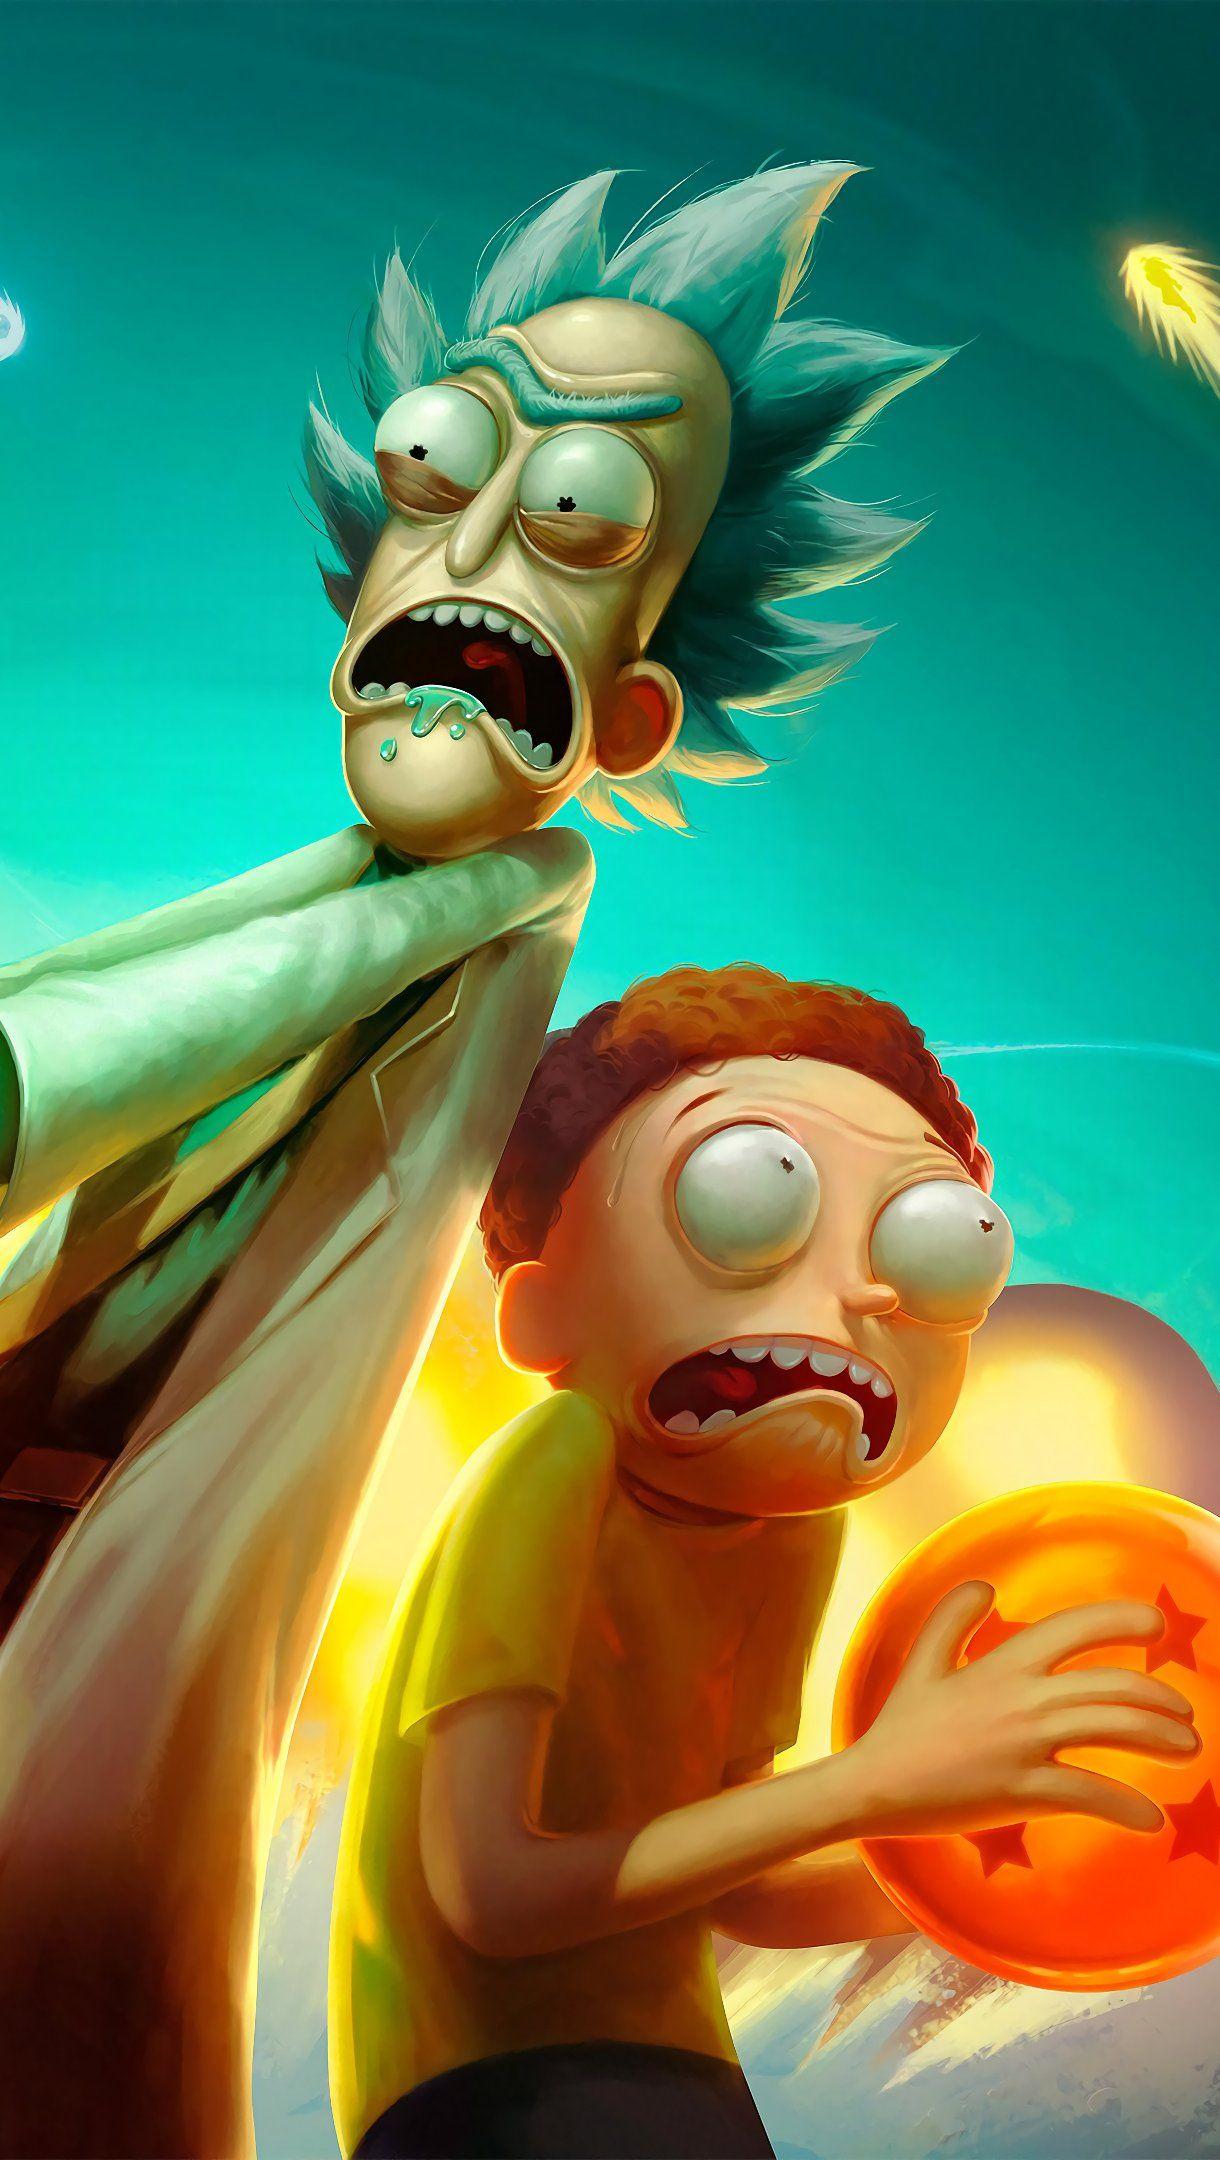 Fondos De Pantalla Anime Rick Y Morty En Universo De Dragon Ball Vertical Fondo De Pantalla De Dibujos Animados Personajes De Rick Y Morty Dibujo De Perro